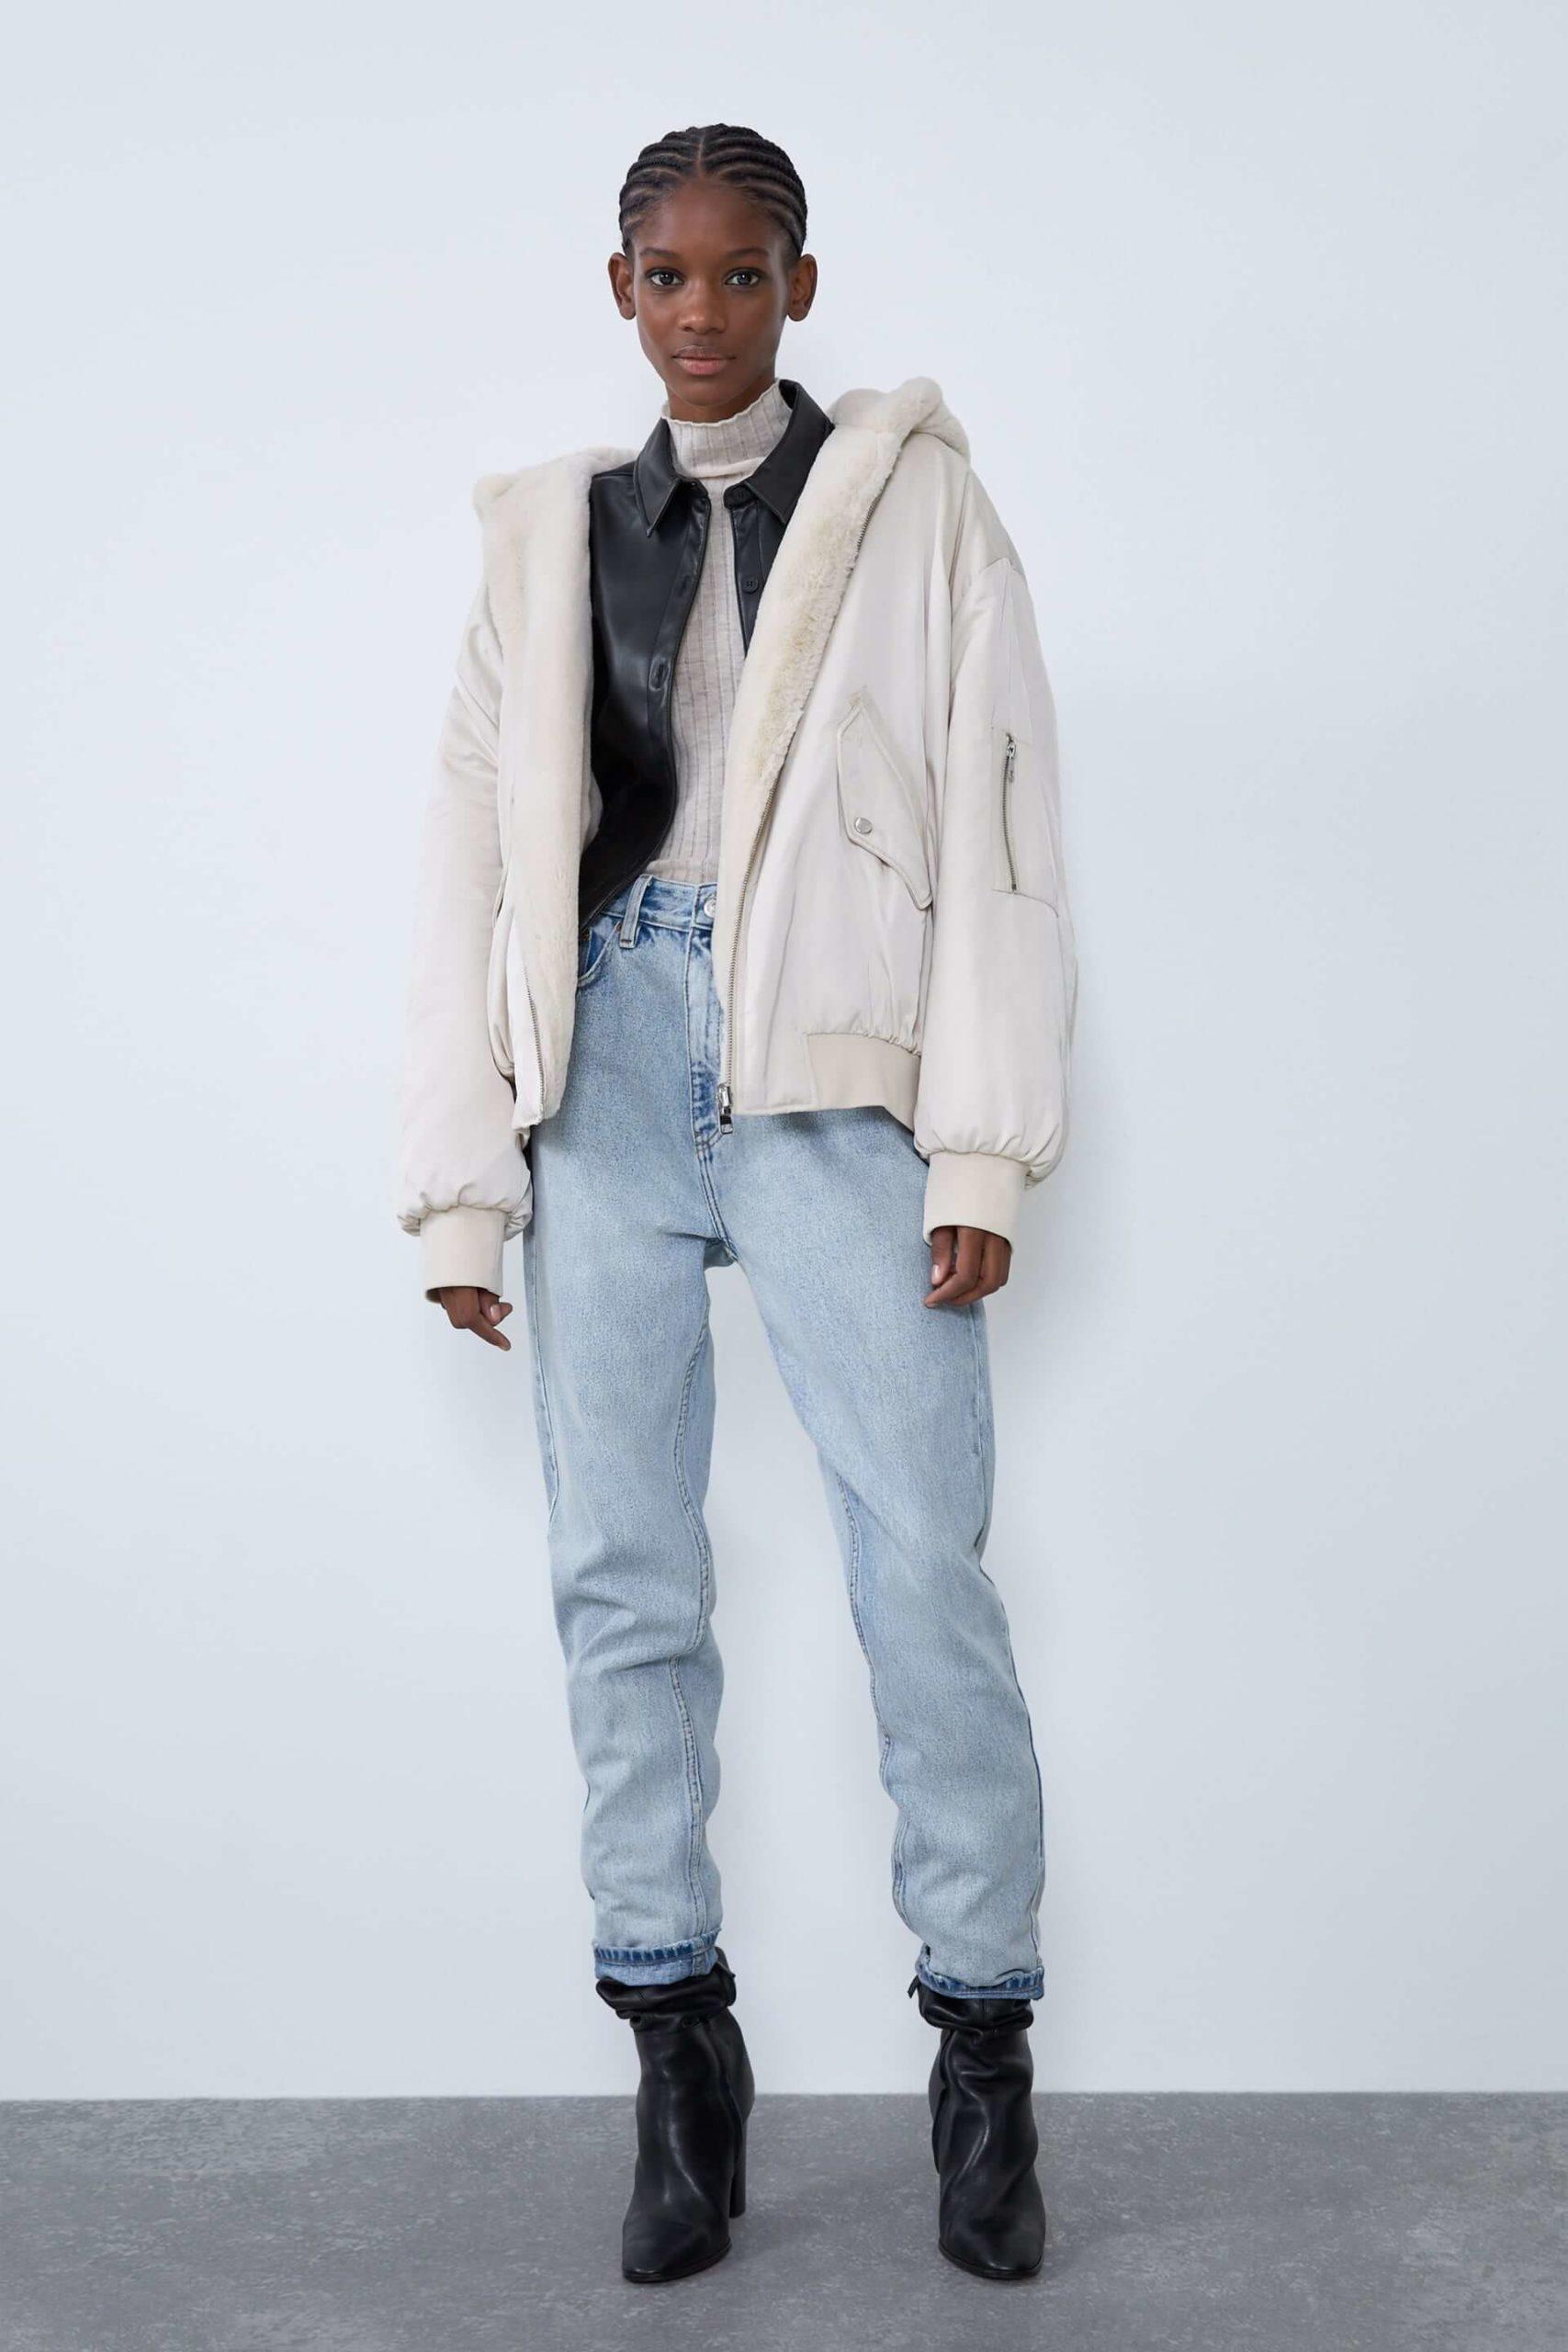 Kadın Bomber Ceket Modelleri Zara